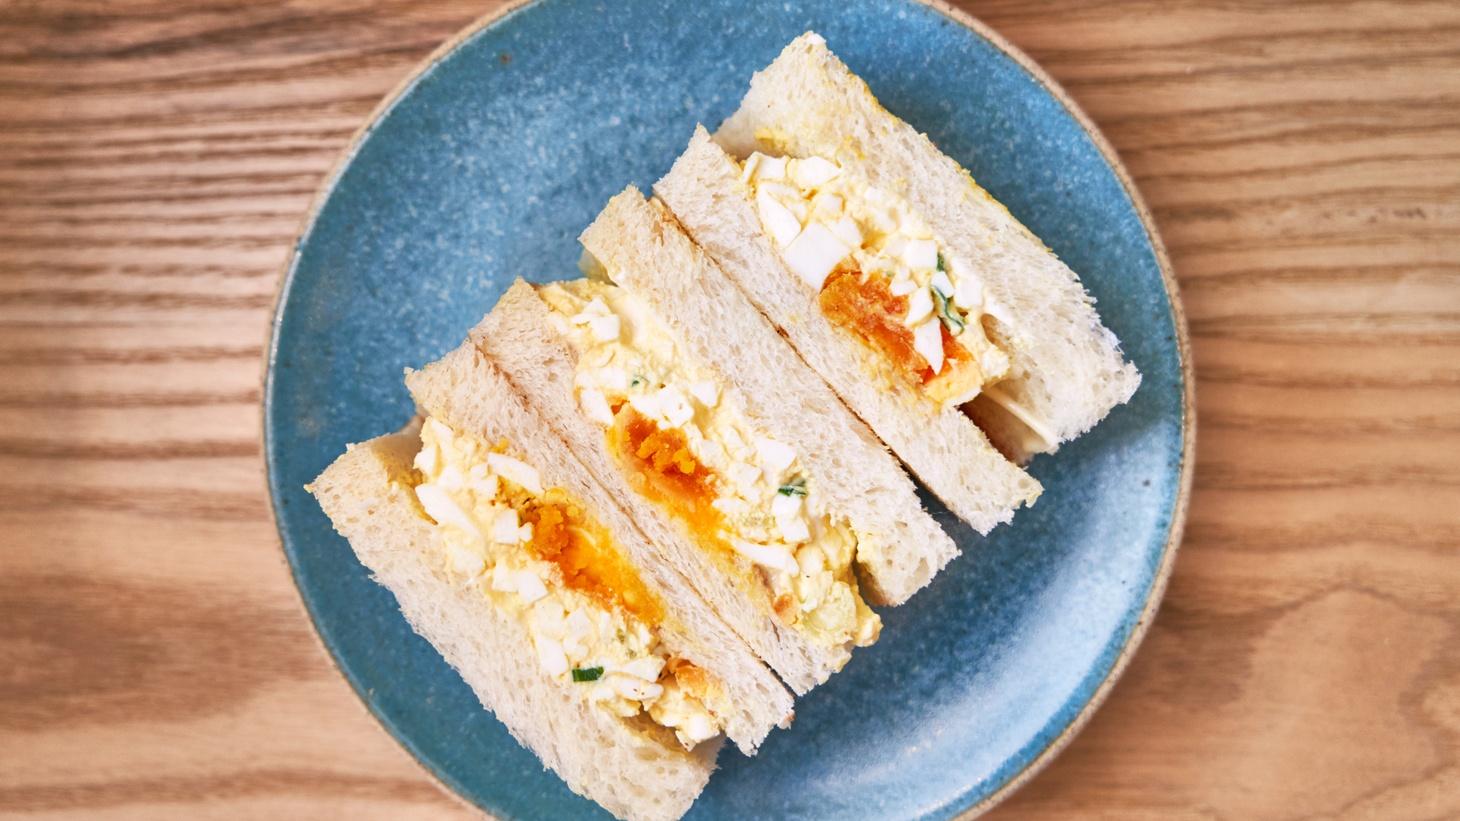 Konbi egg salad sando.